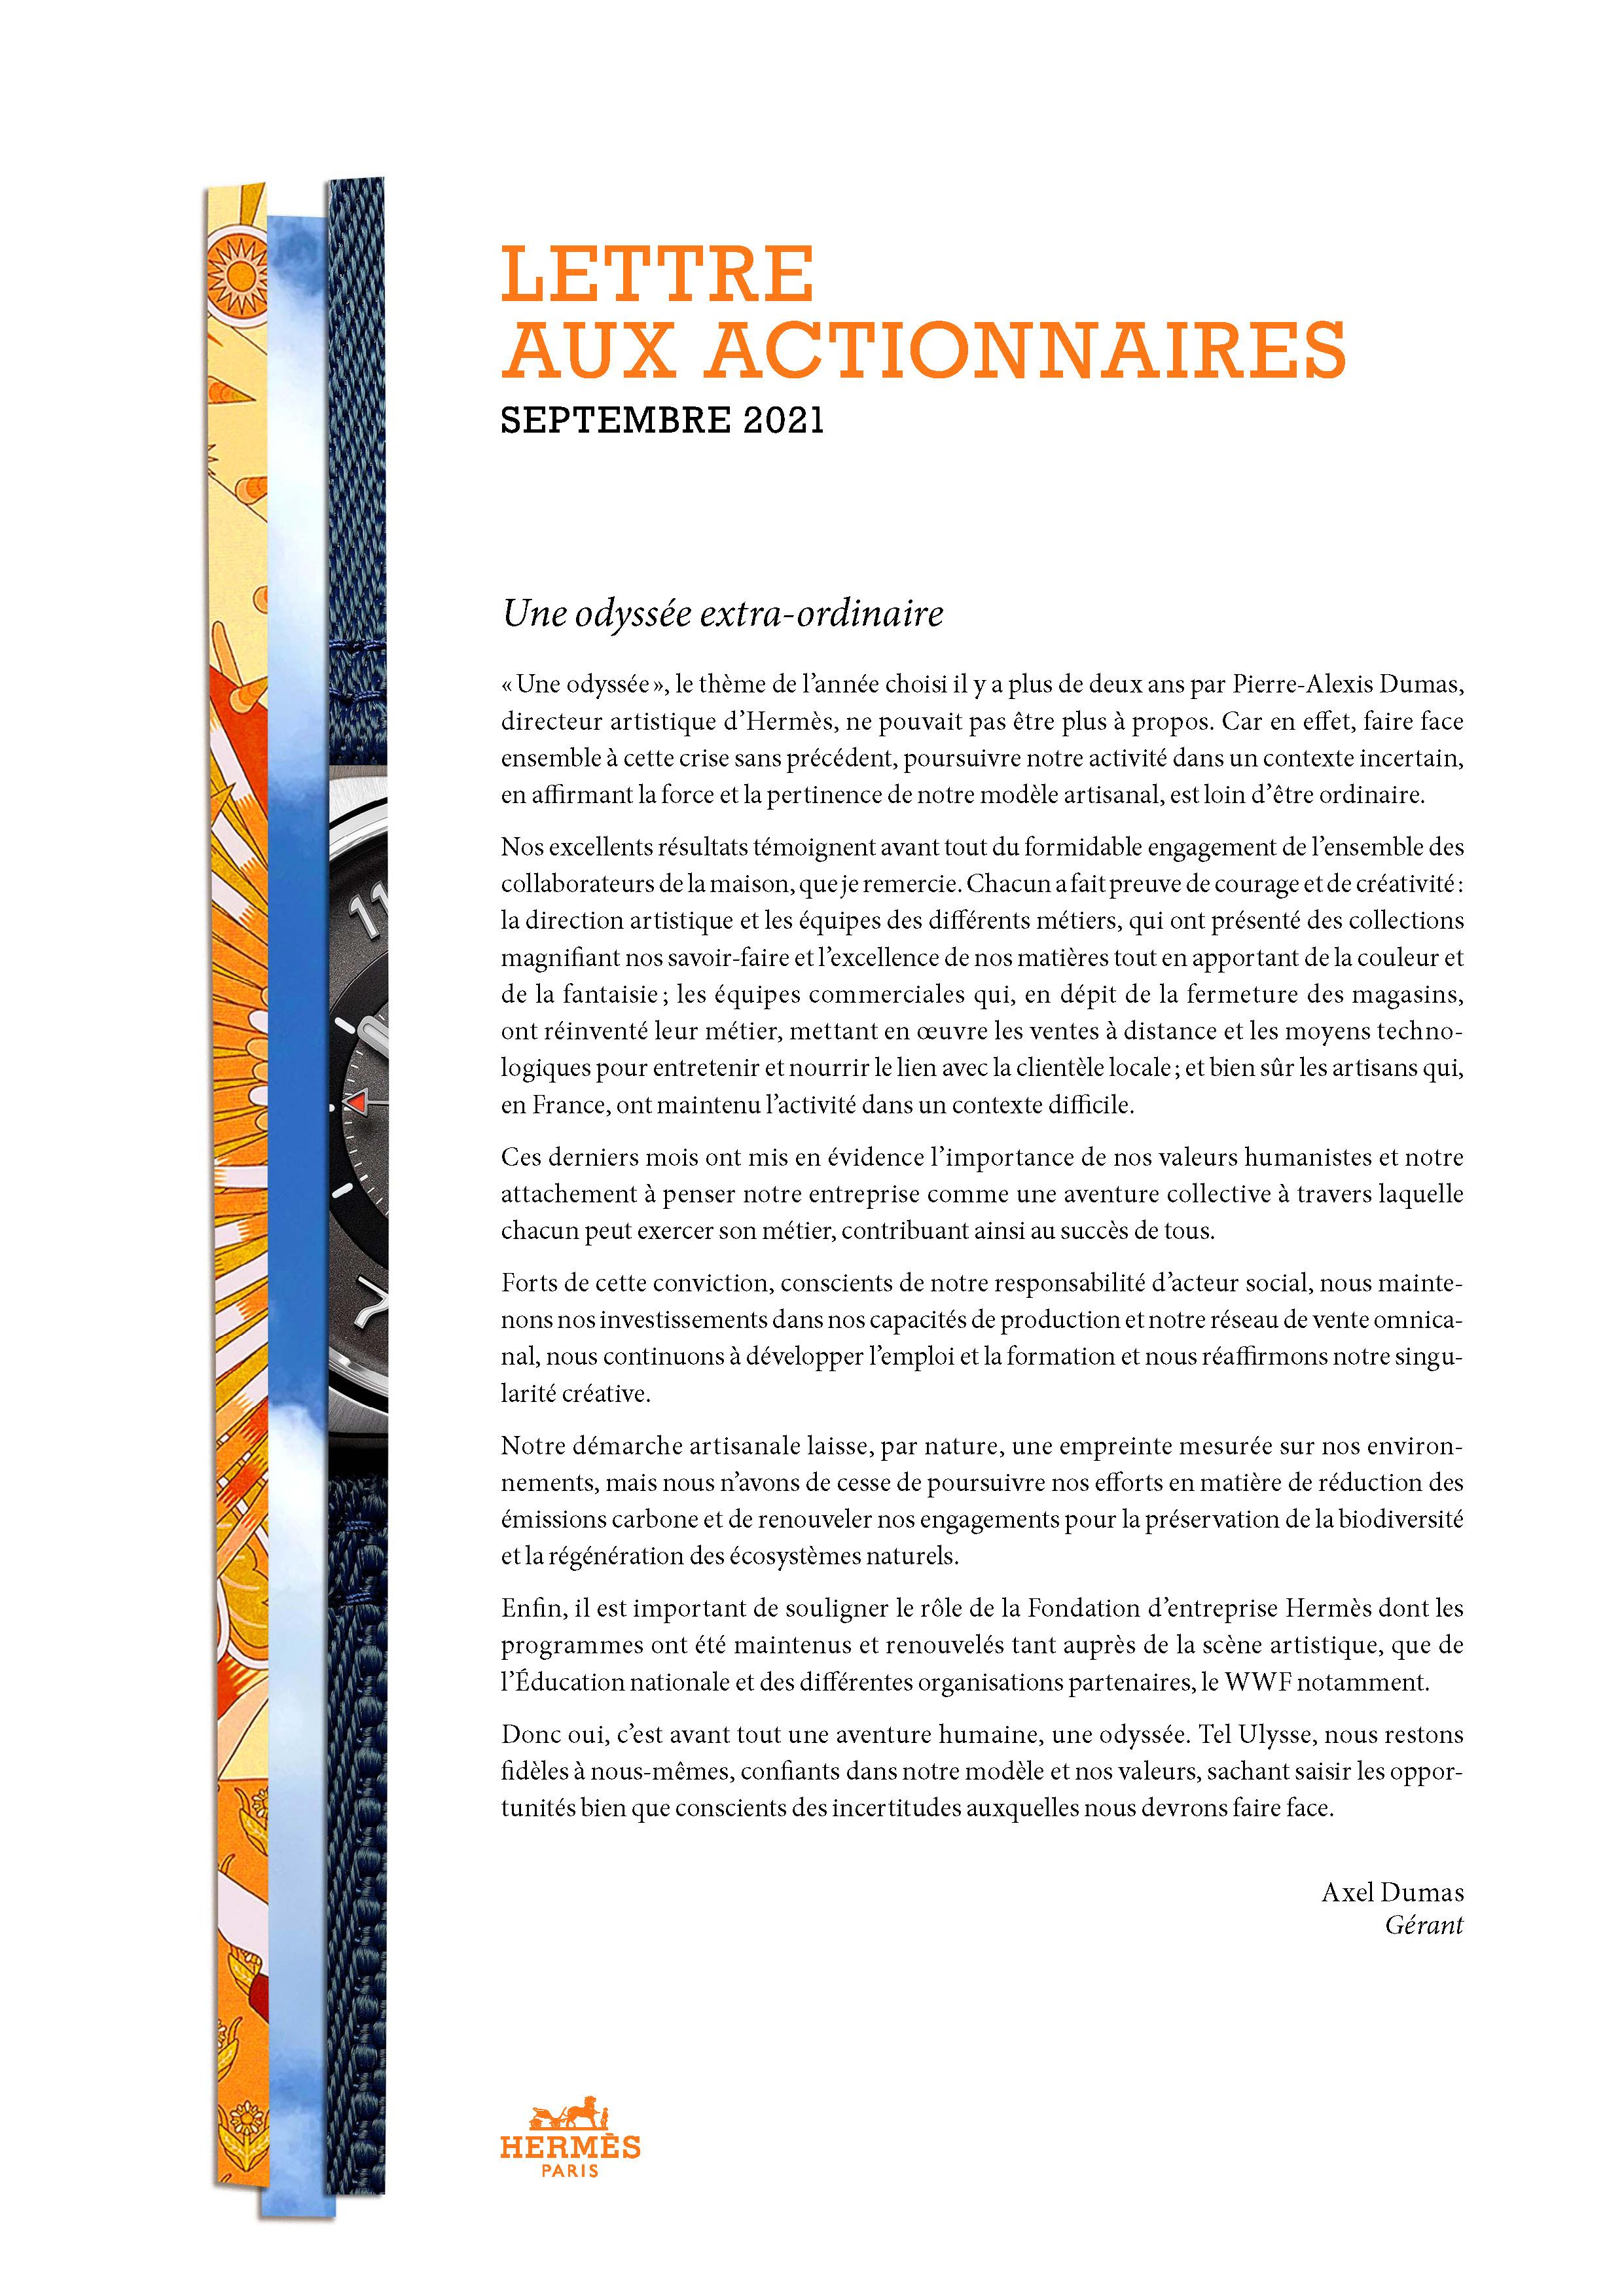 Couverture de la Lettre aux actionnaires, septembre 2021